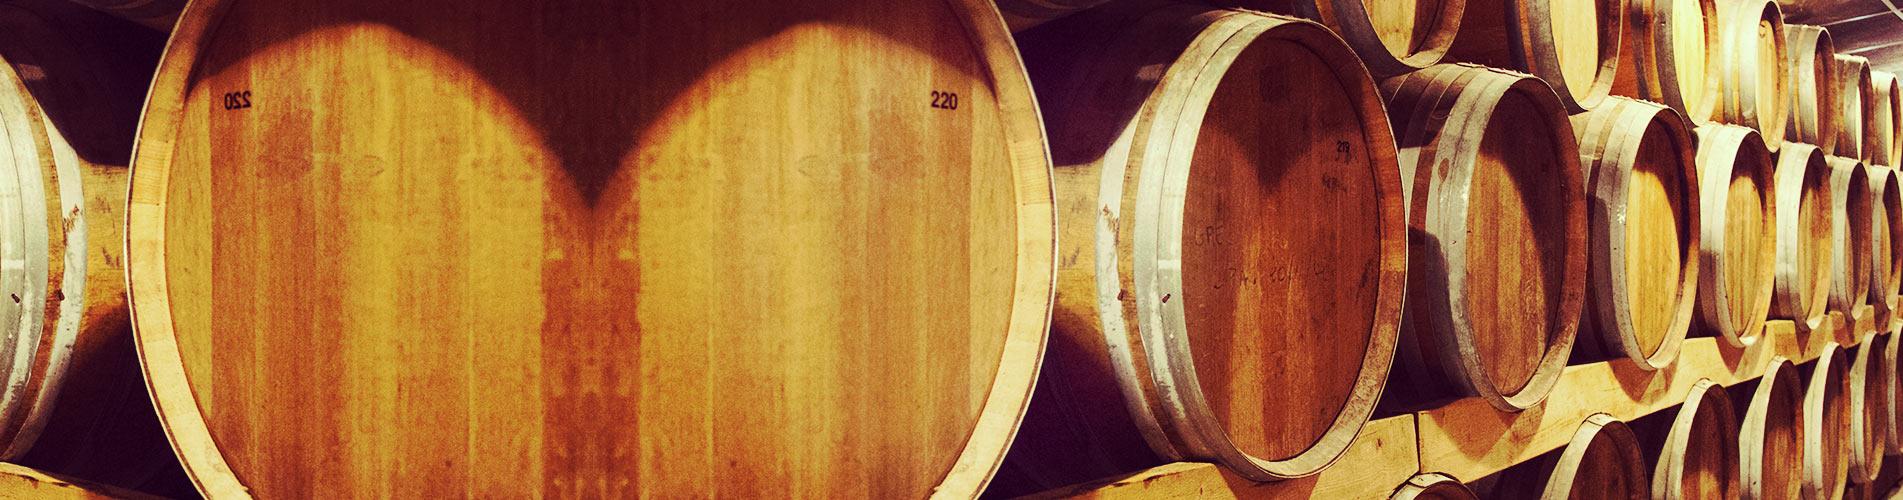 Descubre las bodegas que elaboran los mejores vinos